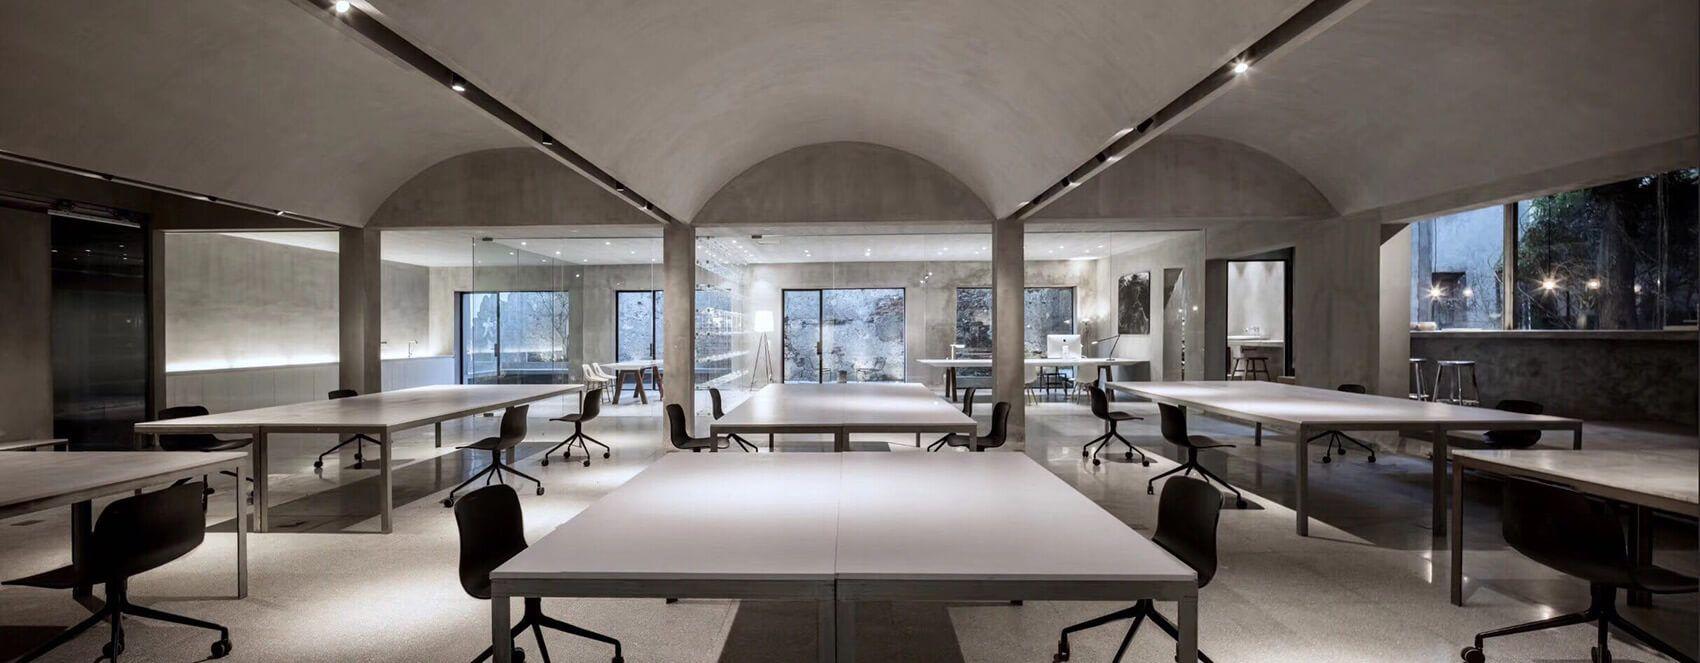 建筑改造之上海大样办公室设计|1305 STUDIO - 5